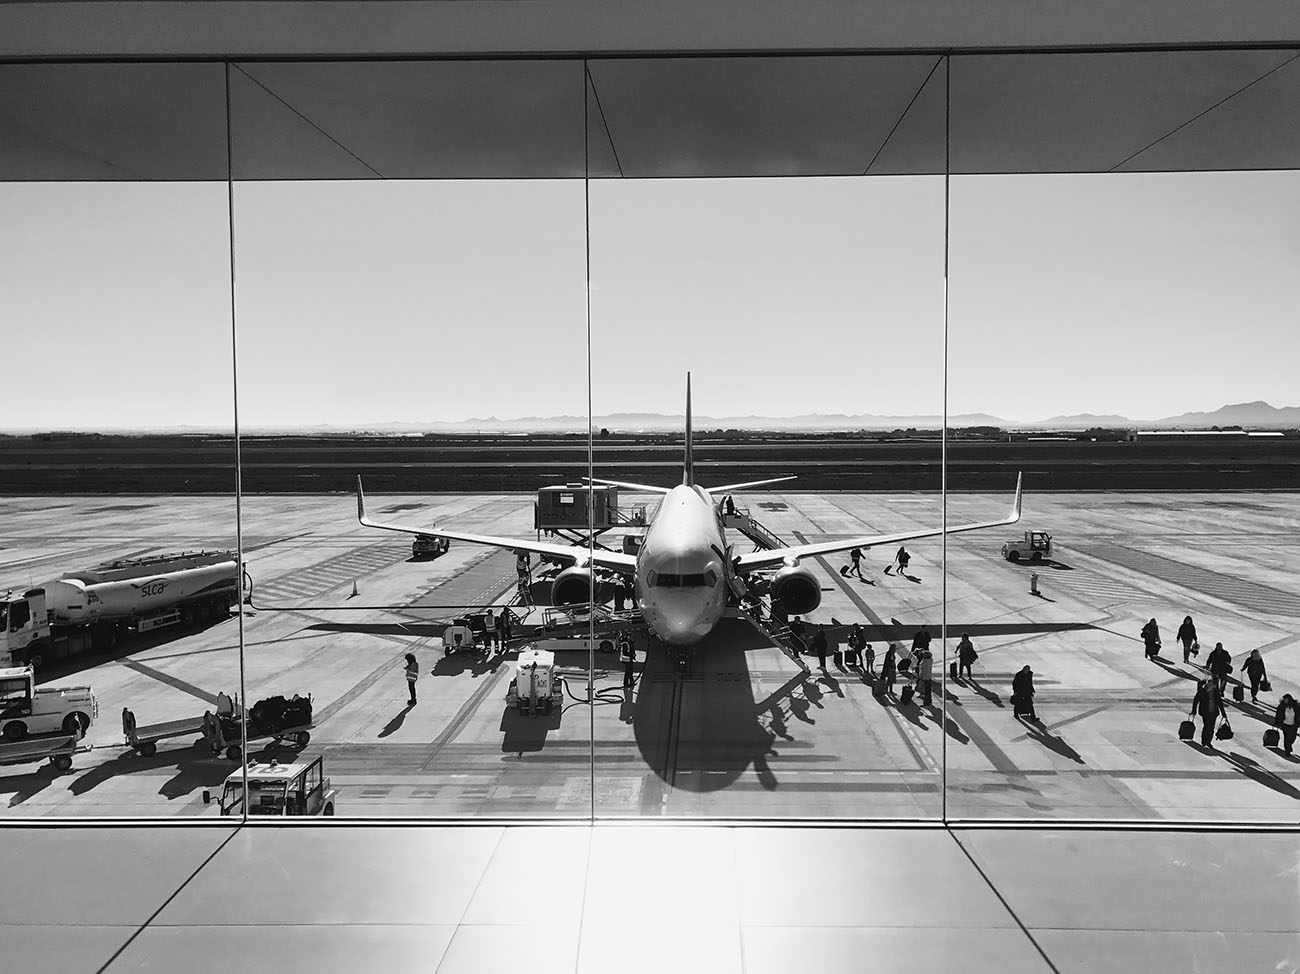 Turbine und Flugzeugtragfläche auf Landebahn